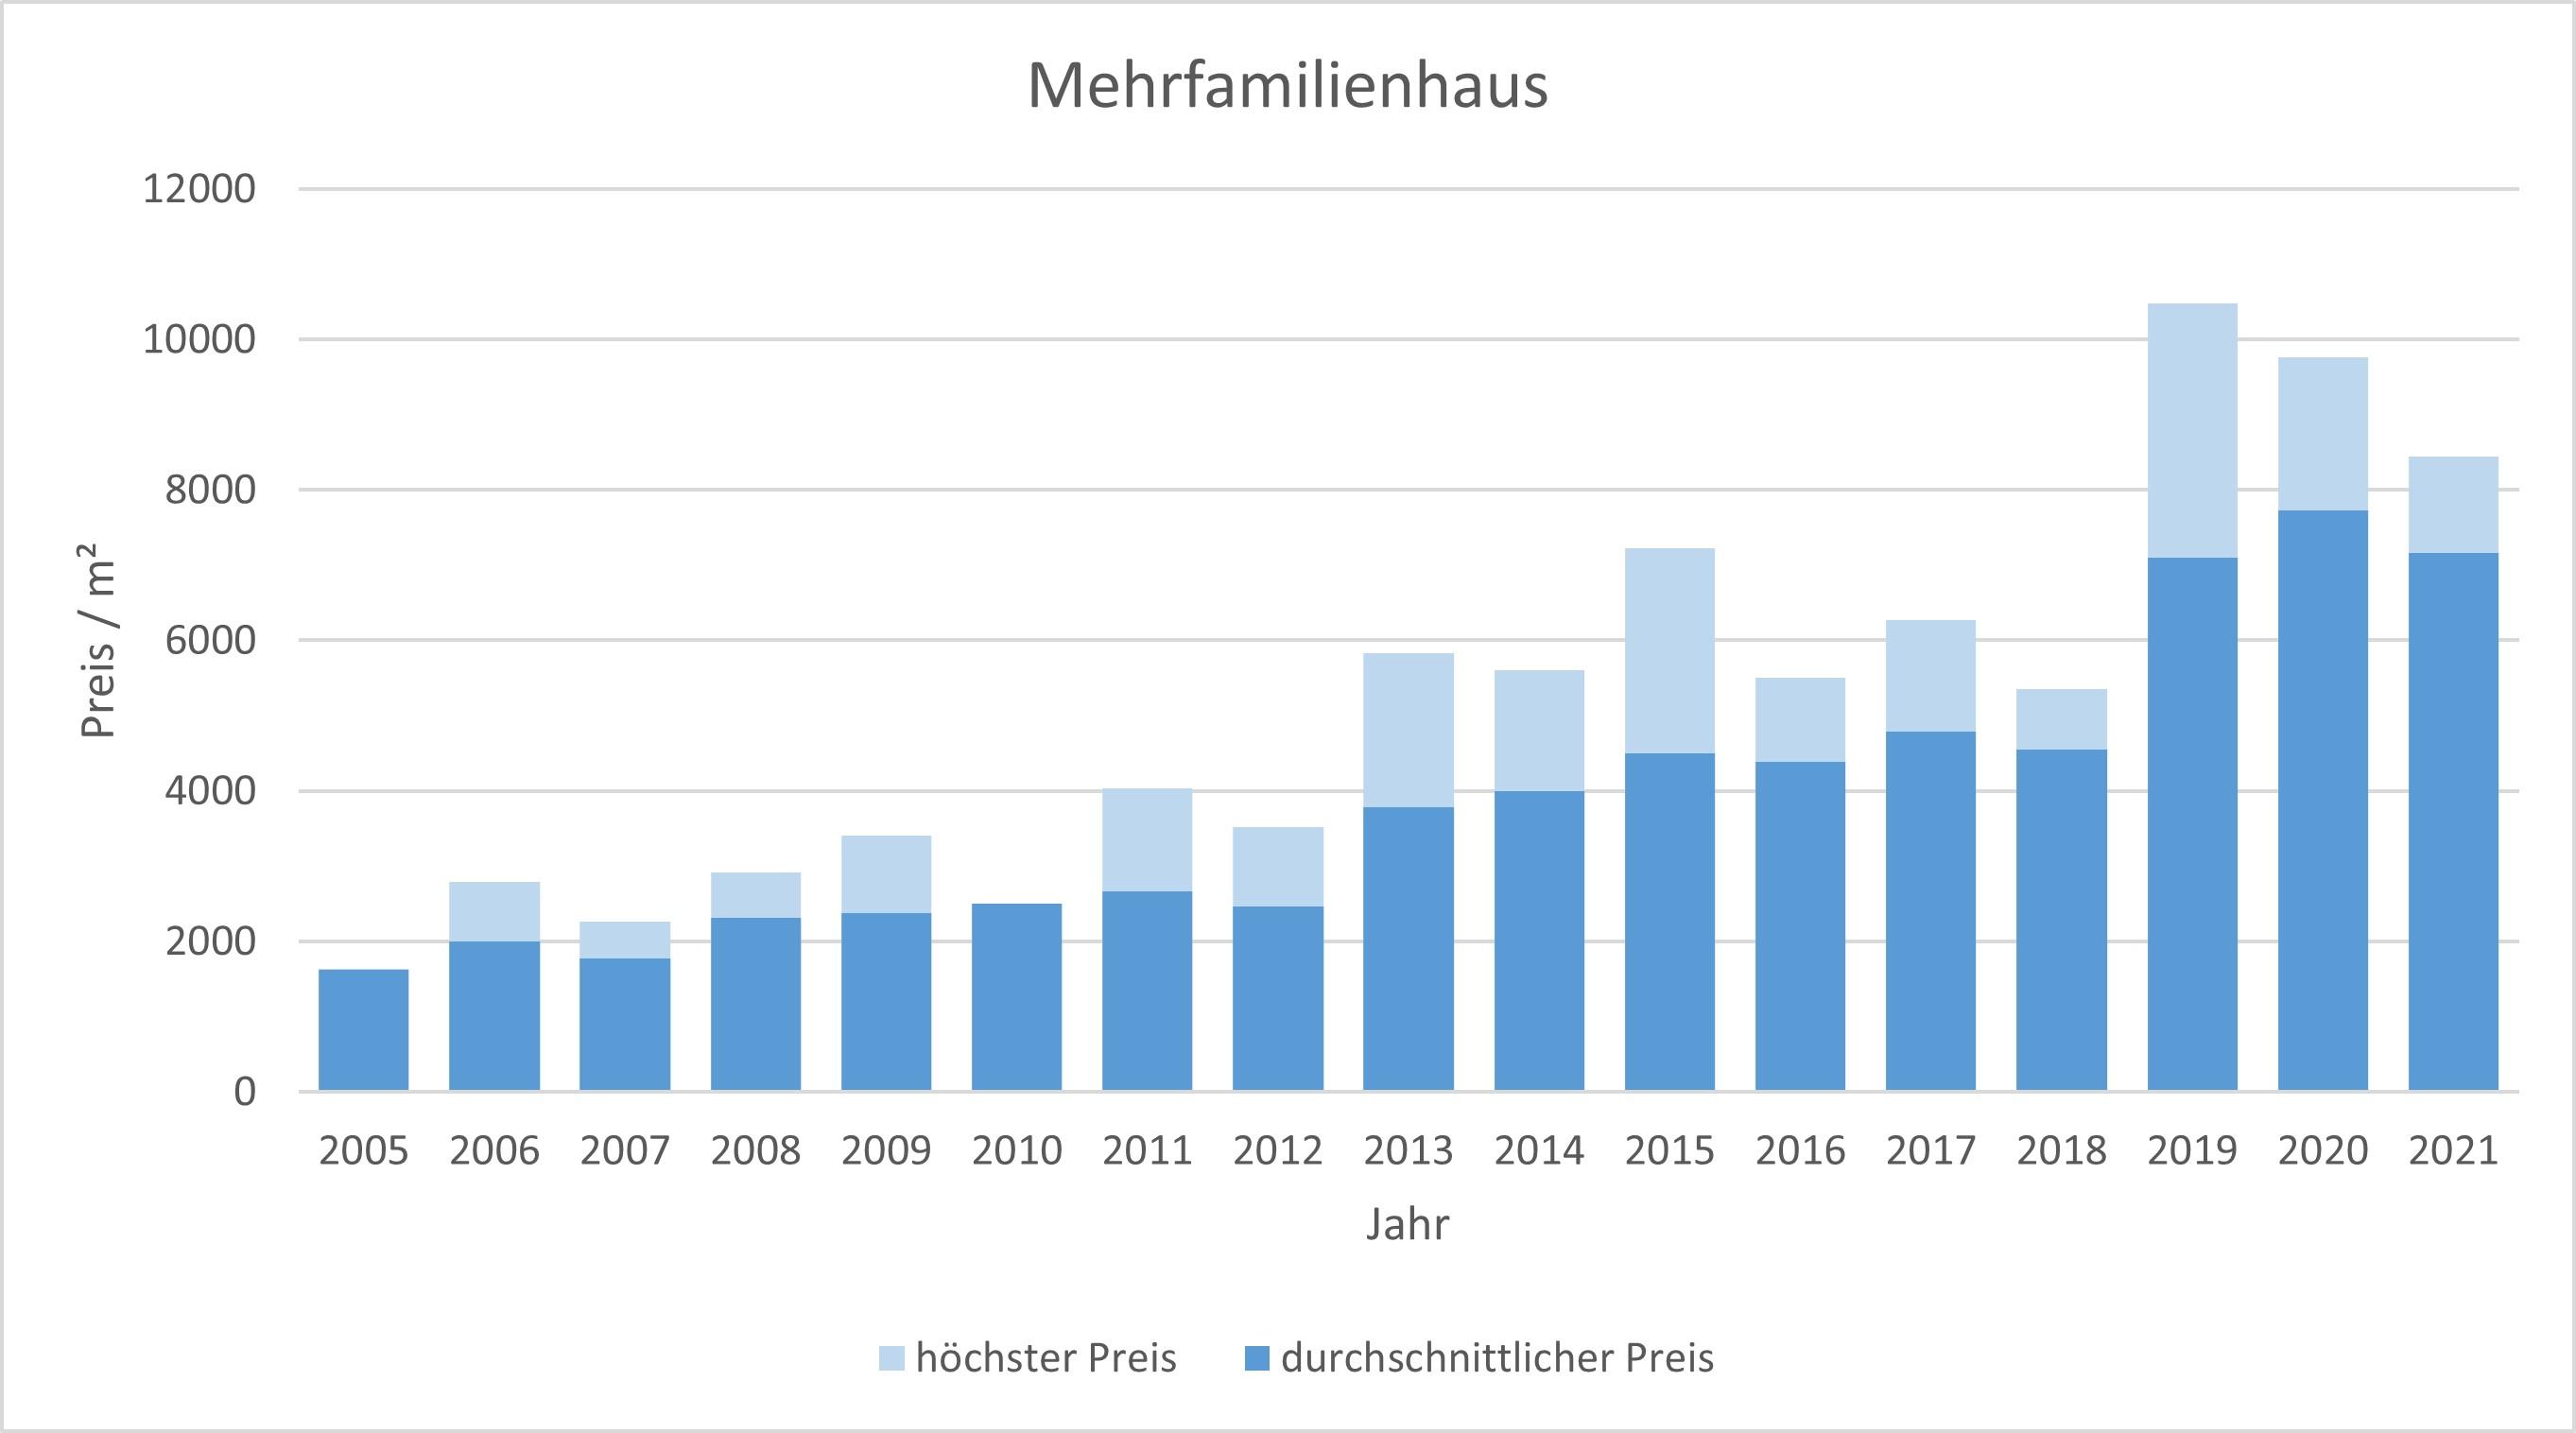 Puchheim Mehrfamilienhaus kaufen verkaufen Preis Bewertung Makler 2019 2020 2021 www.happy-immo.de